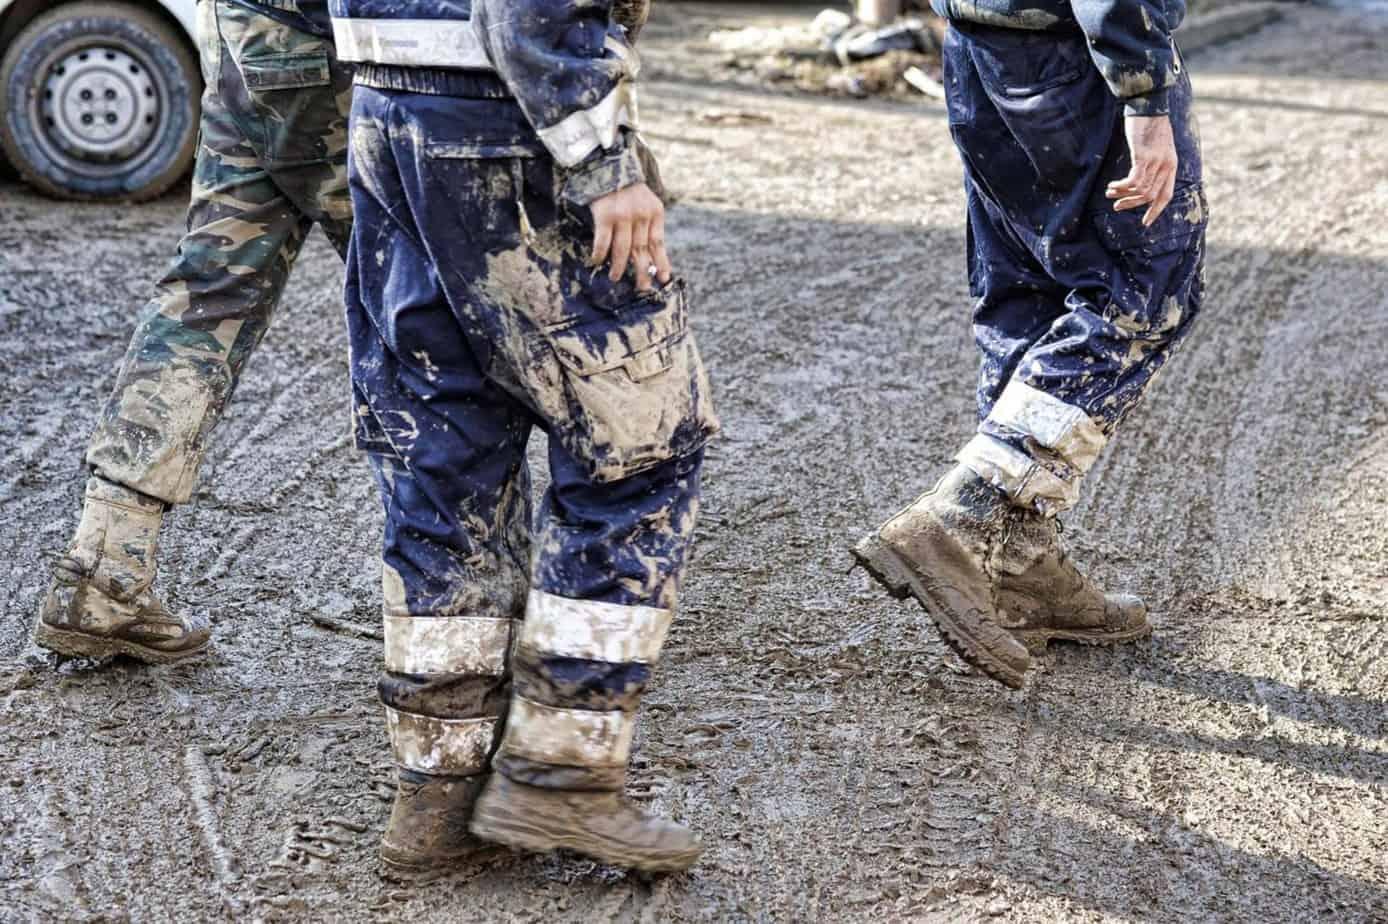 La messa in sicurezza del territorio attraverso opere di manutenzione